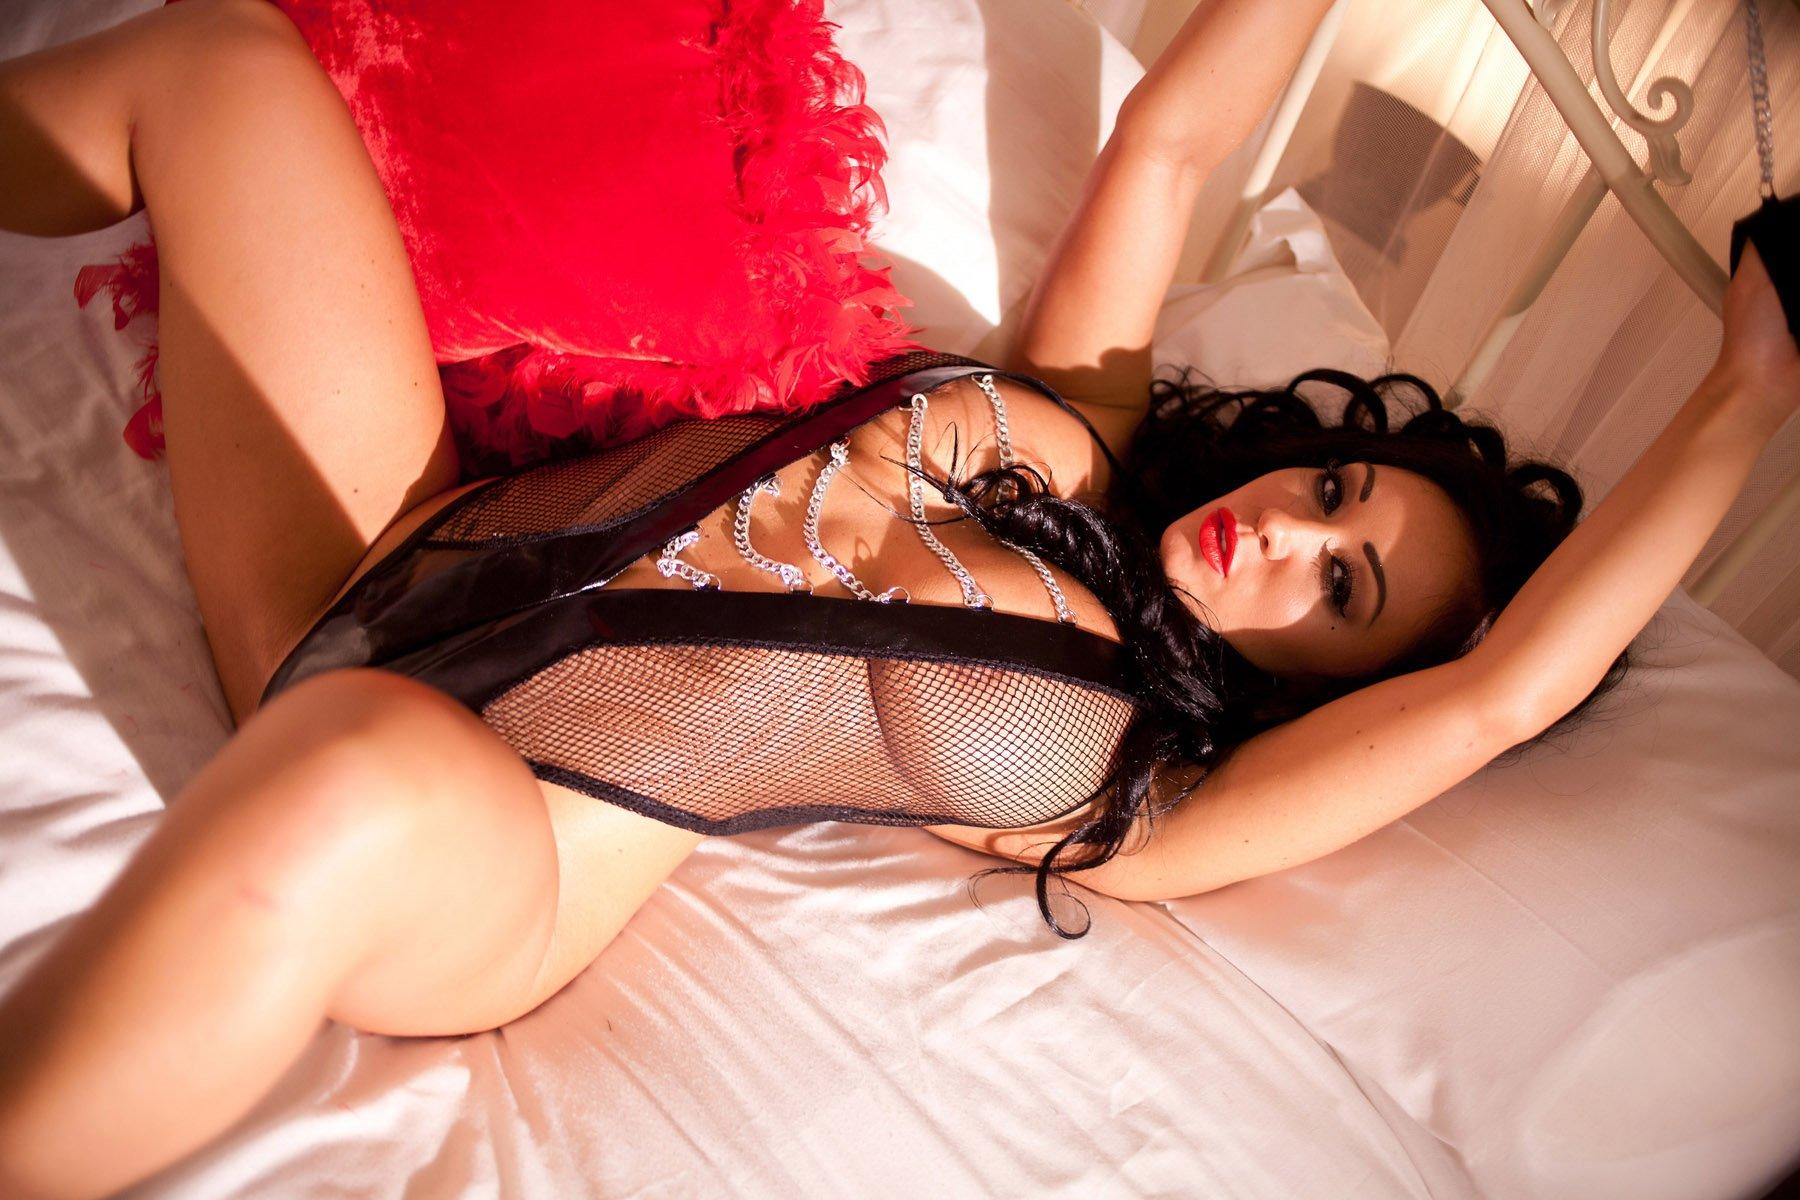 сейчас элитные проститутки брюнетки виной всему скученность